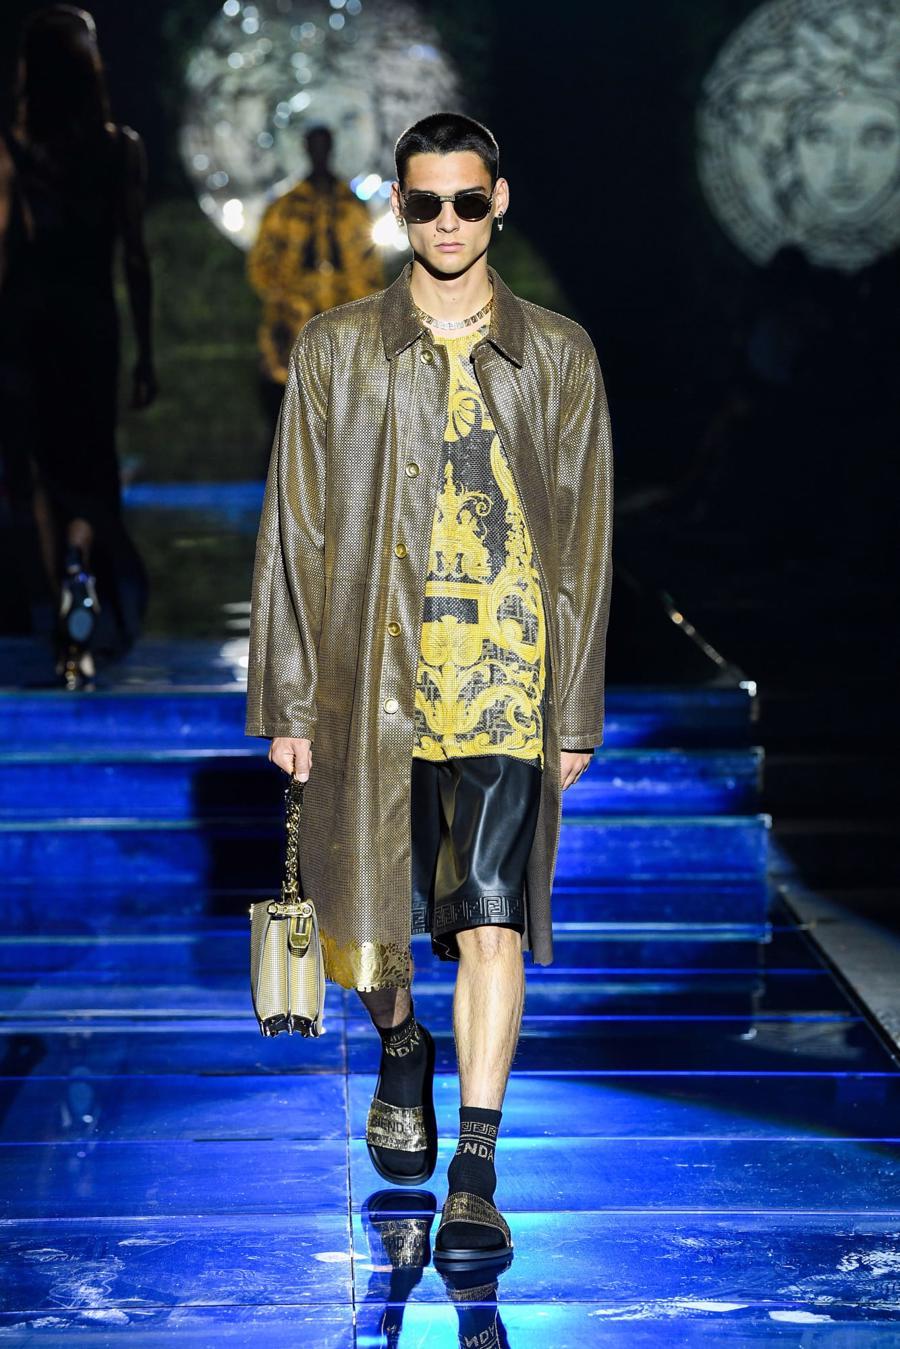 Màn bắt tay lịch sử của hai tập đoàn thời trang xa xỉ đẳng cấp thế giới - Ảnh 8